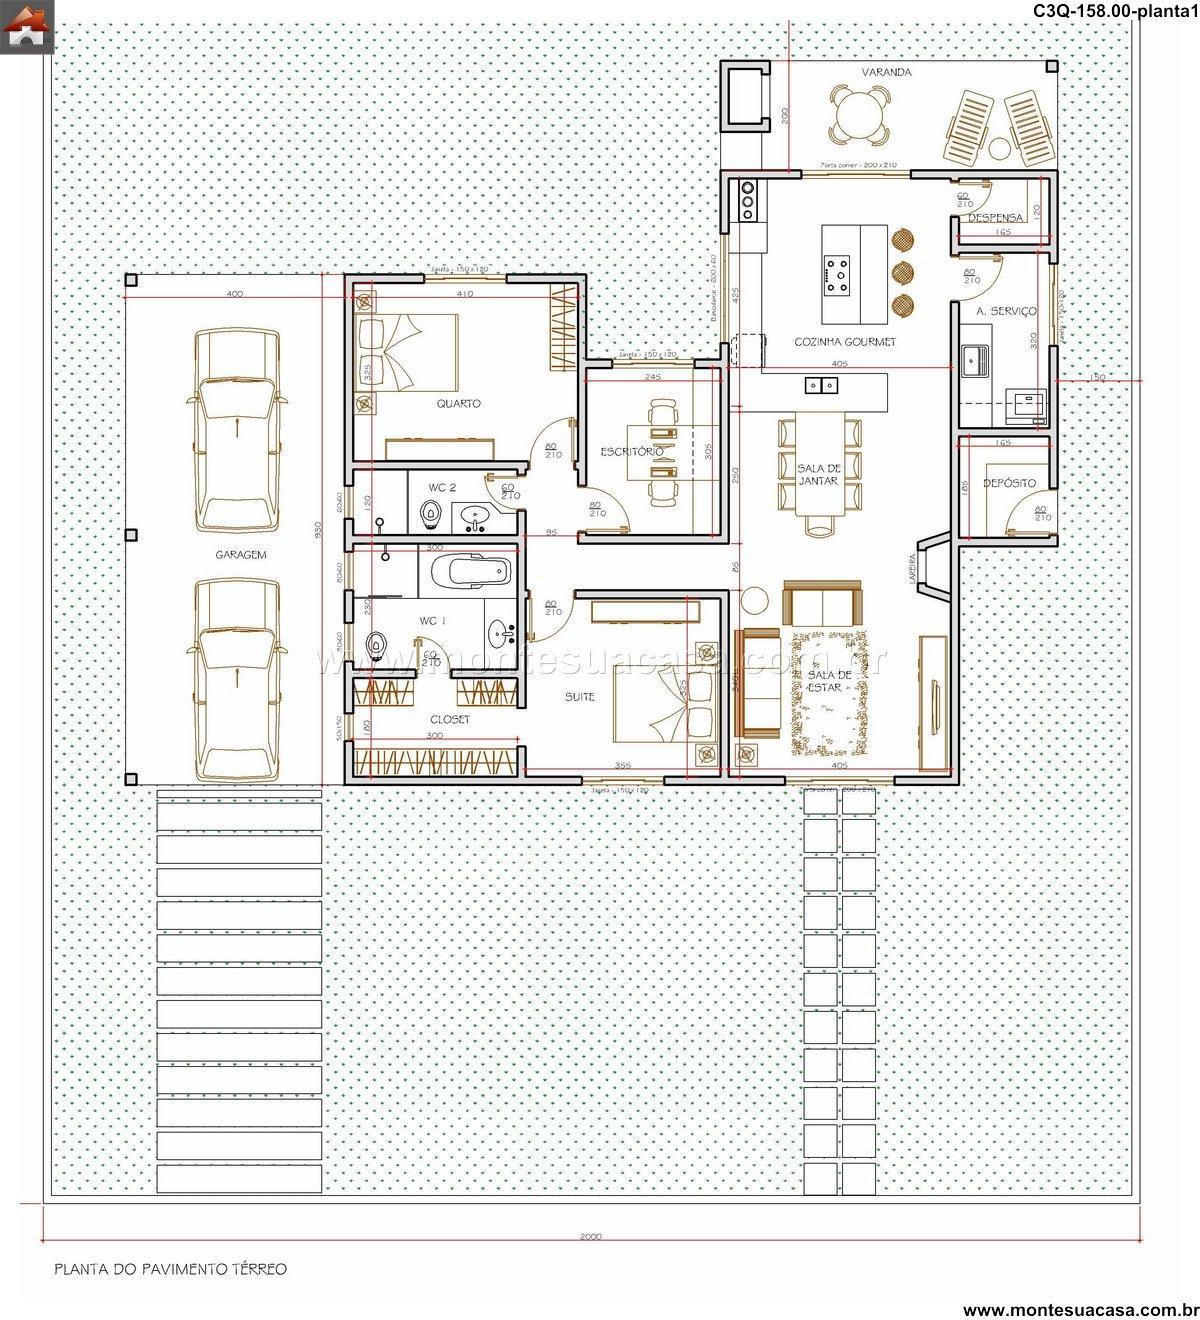 Casa 2 Quartos - 158m²